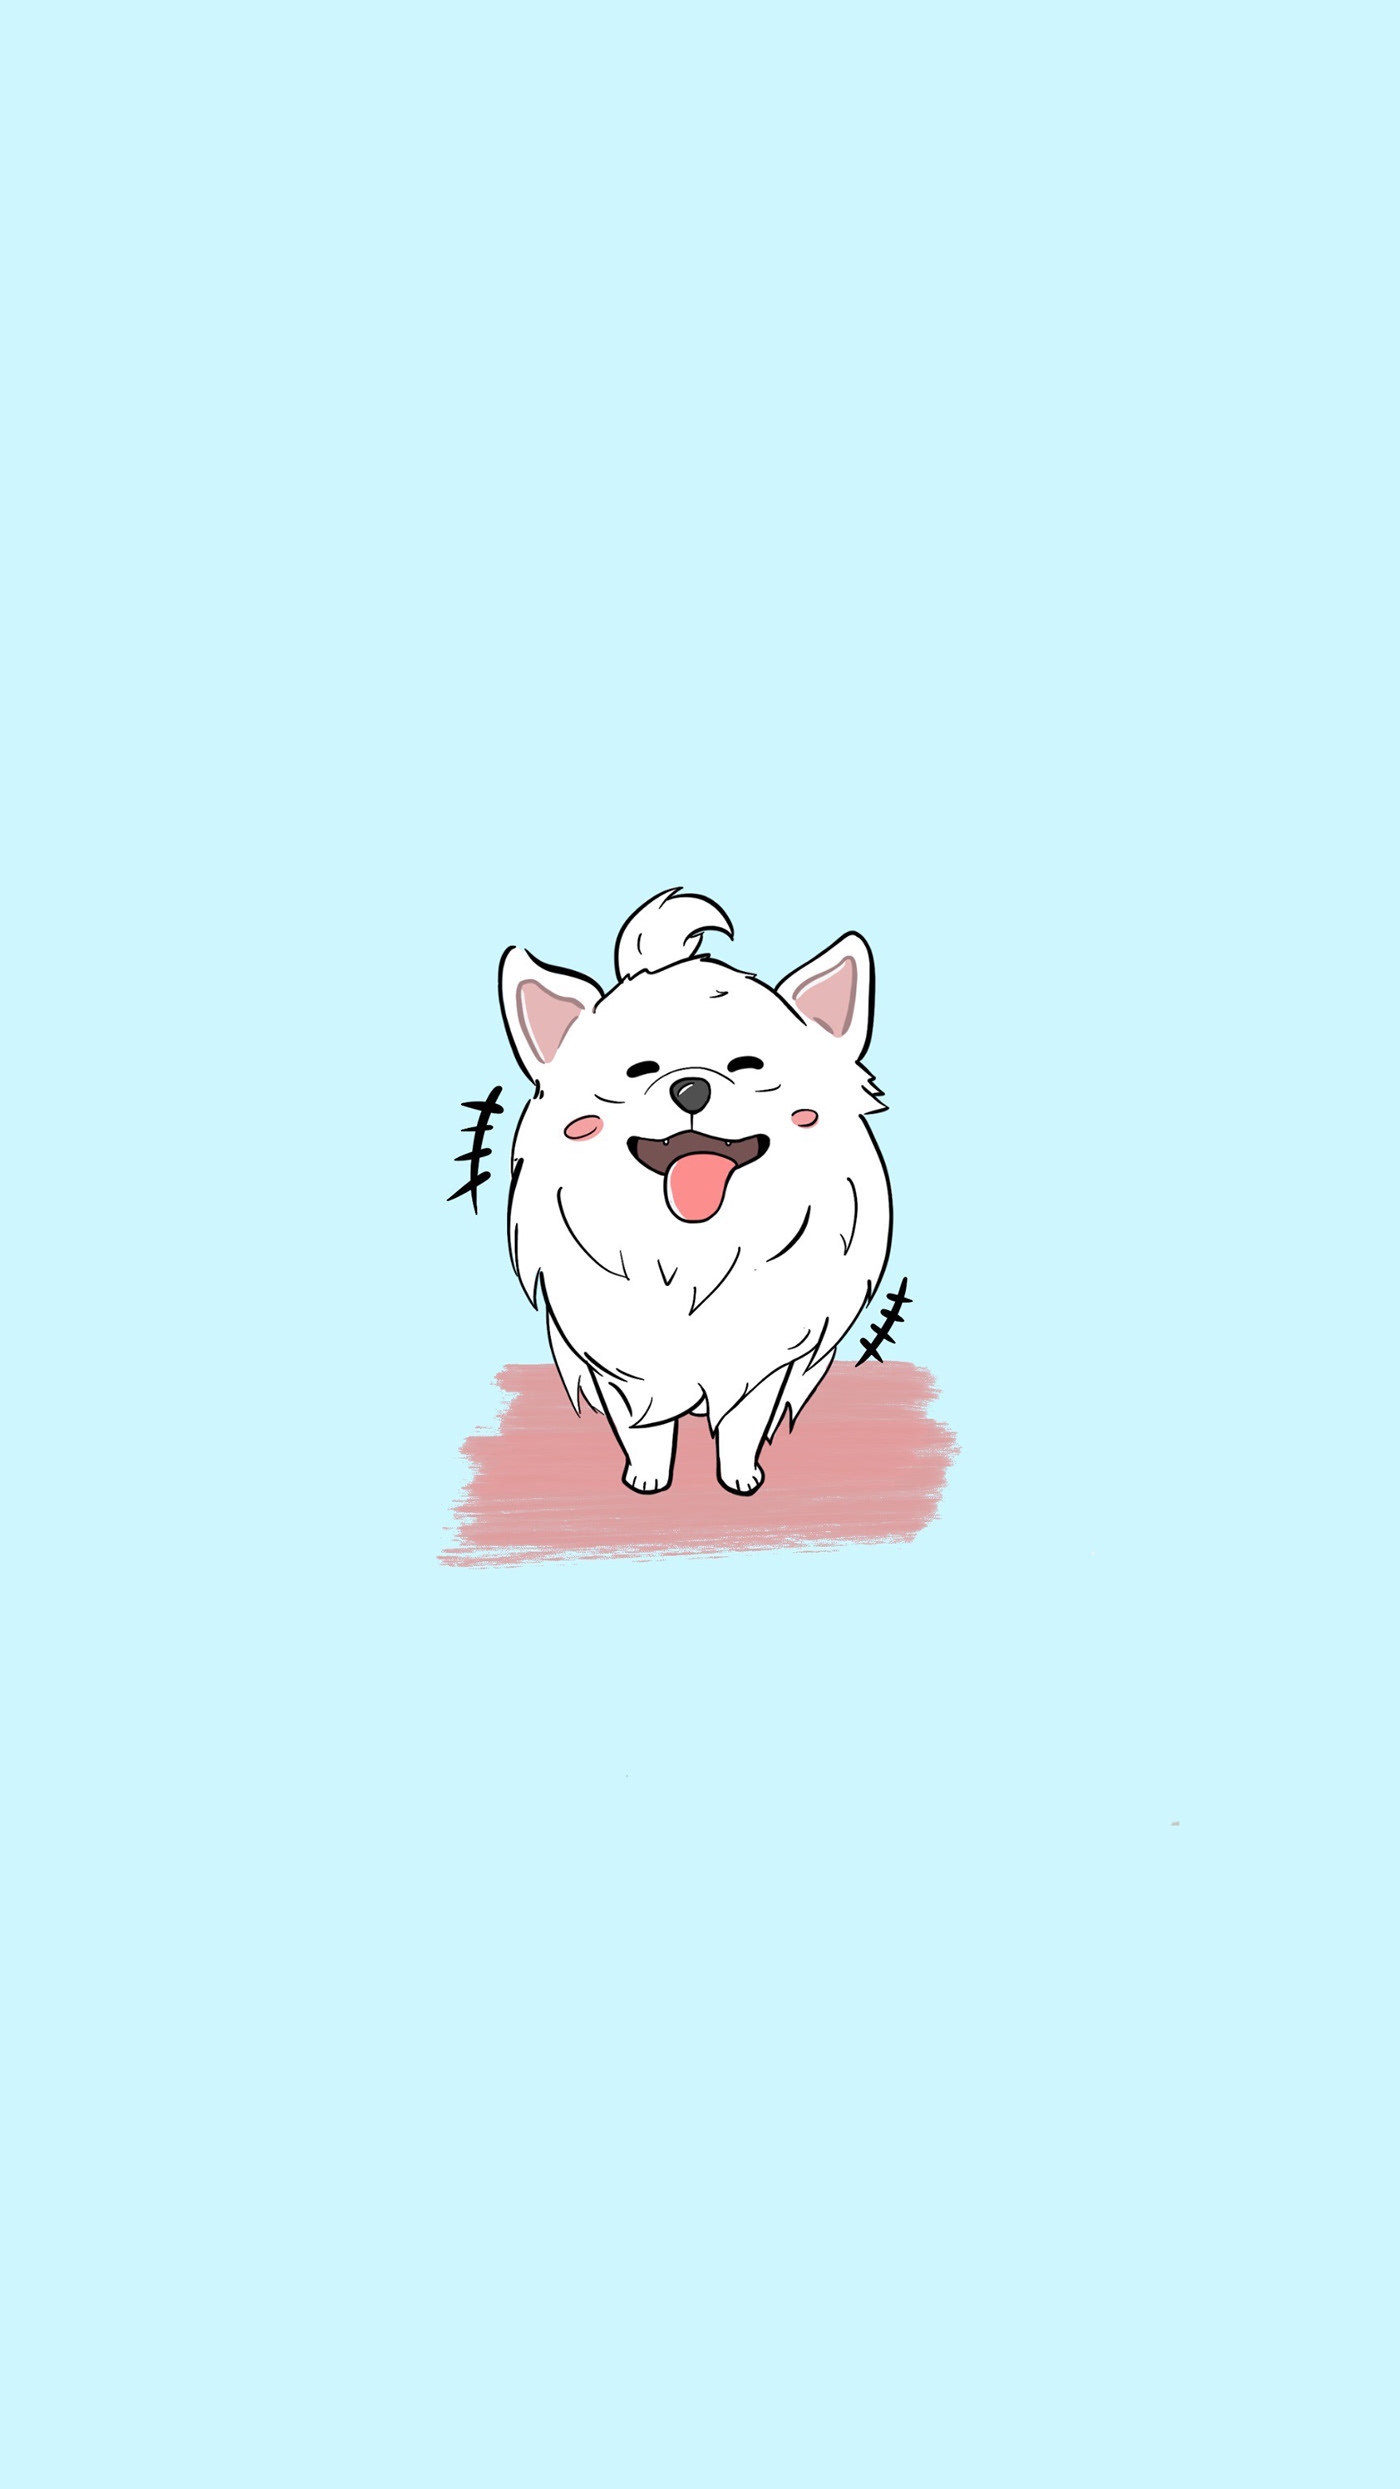 Image may contain: cartoon, drawing and animal